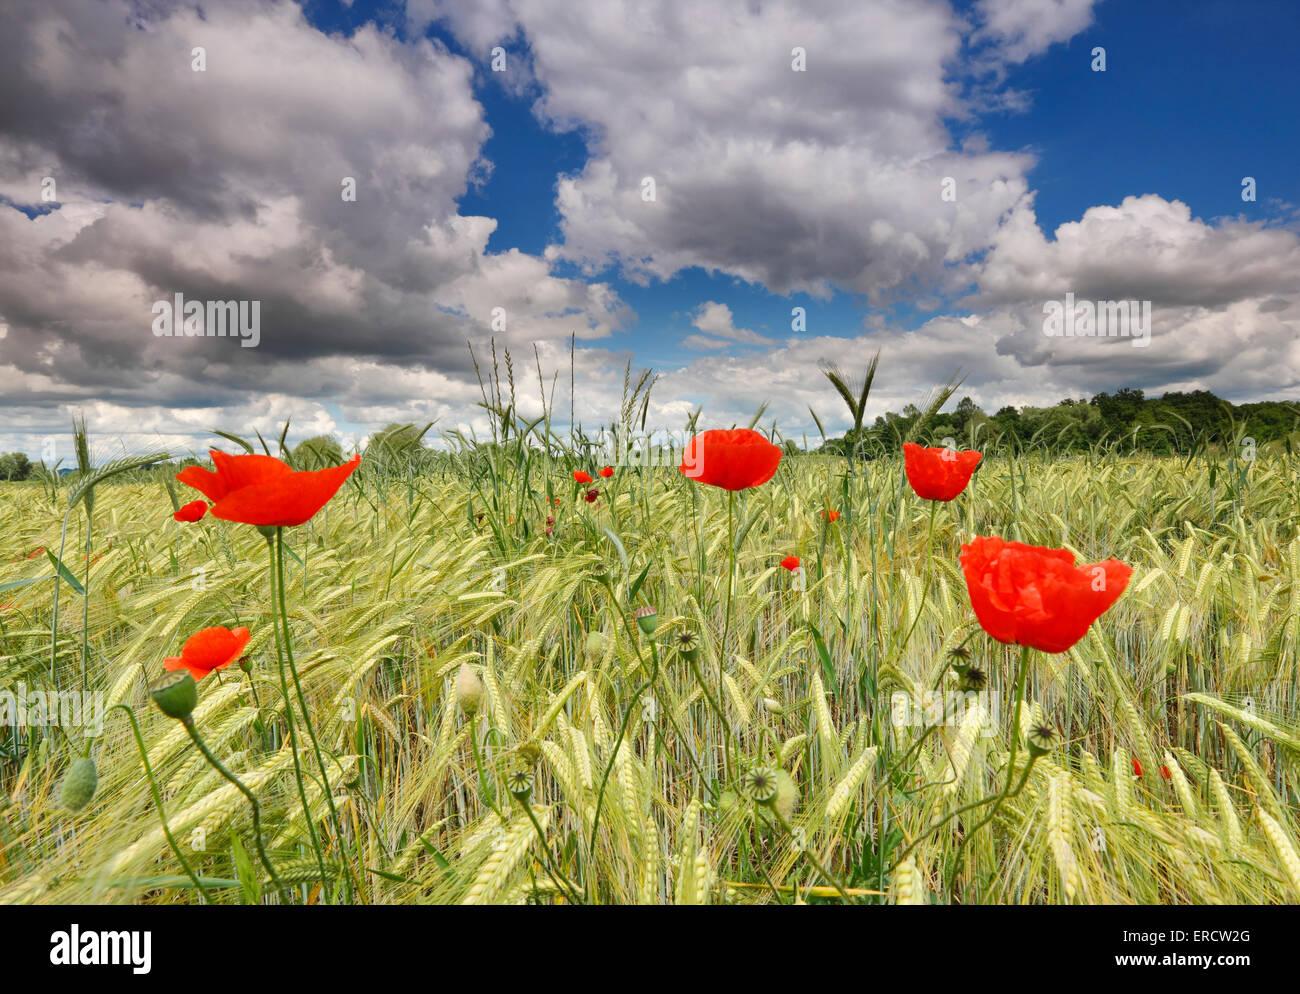 Mohnblumen im Weizenfeld mit schönen Himmel Wolken Stockbild